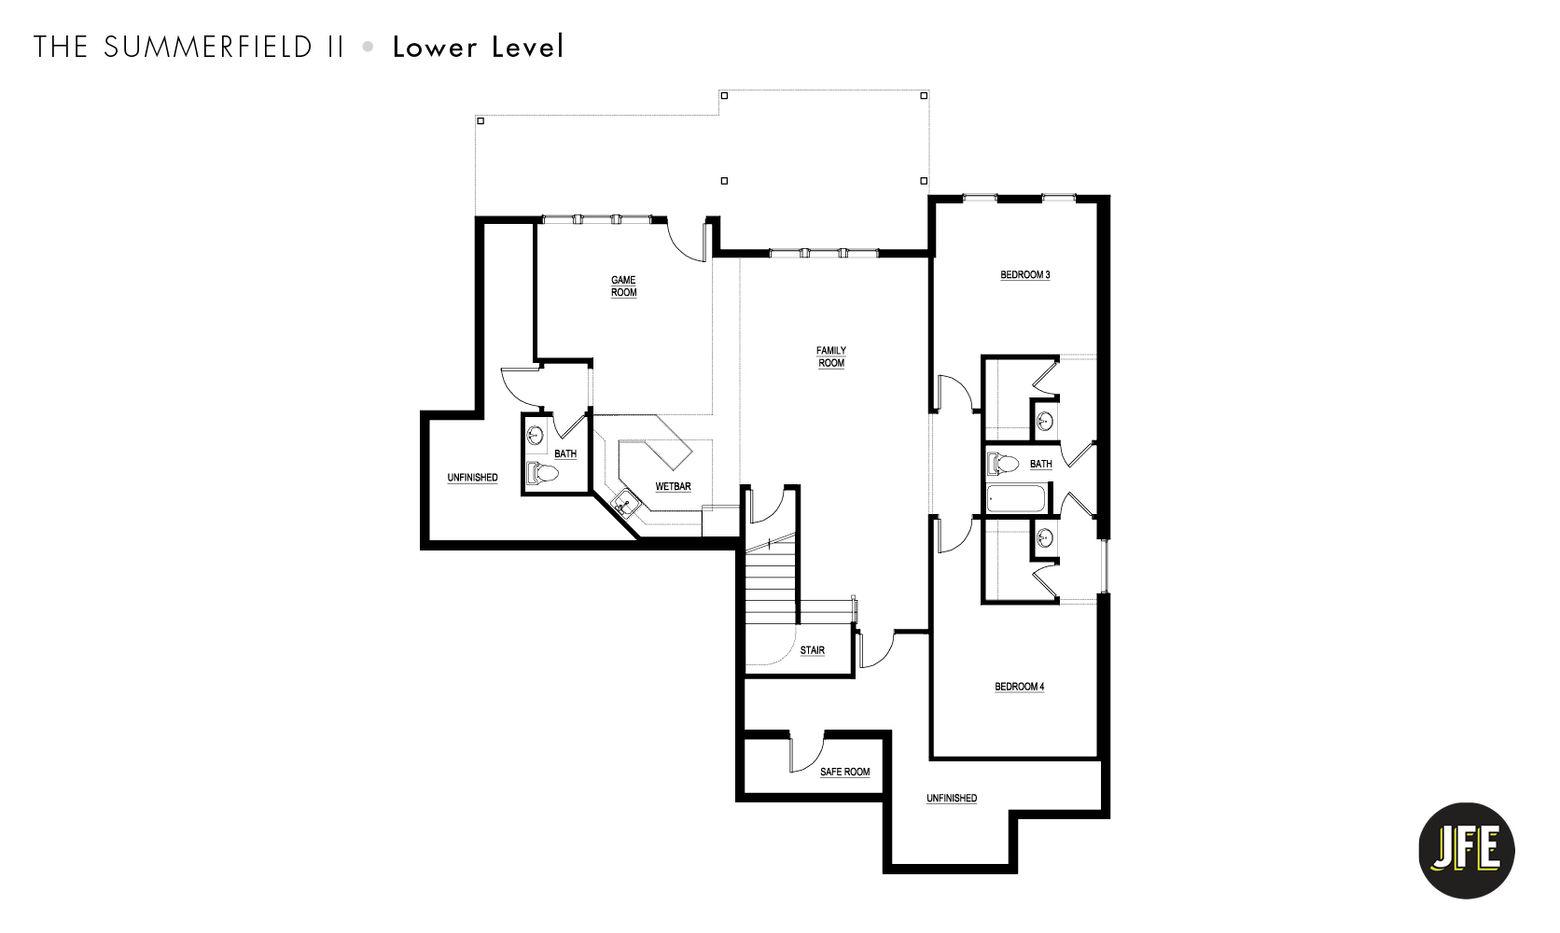 The-Summerfield-II-Lower-Level.jpg